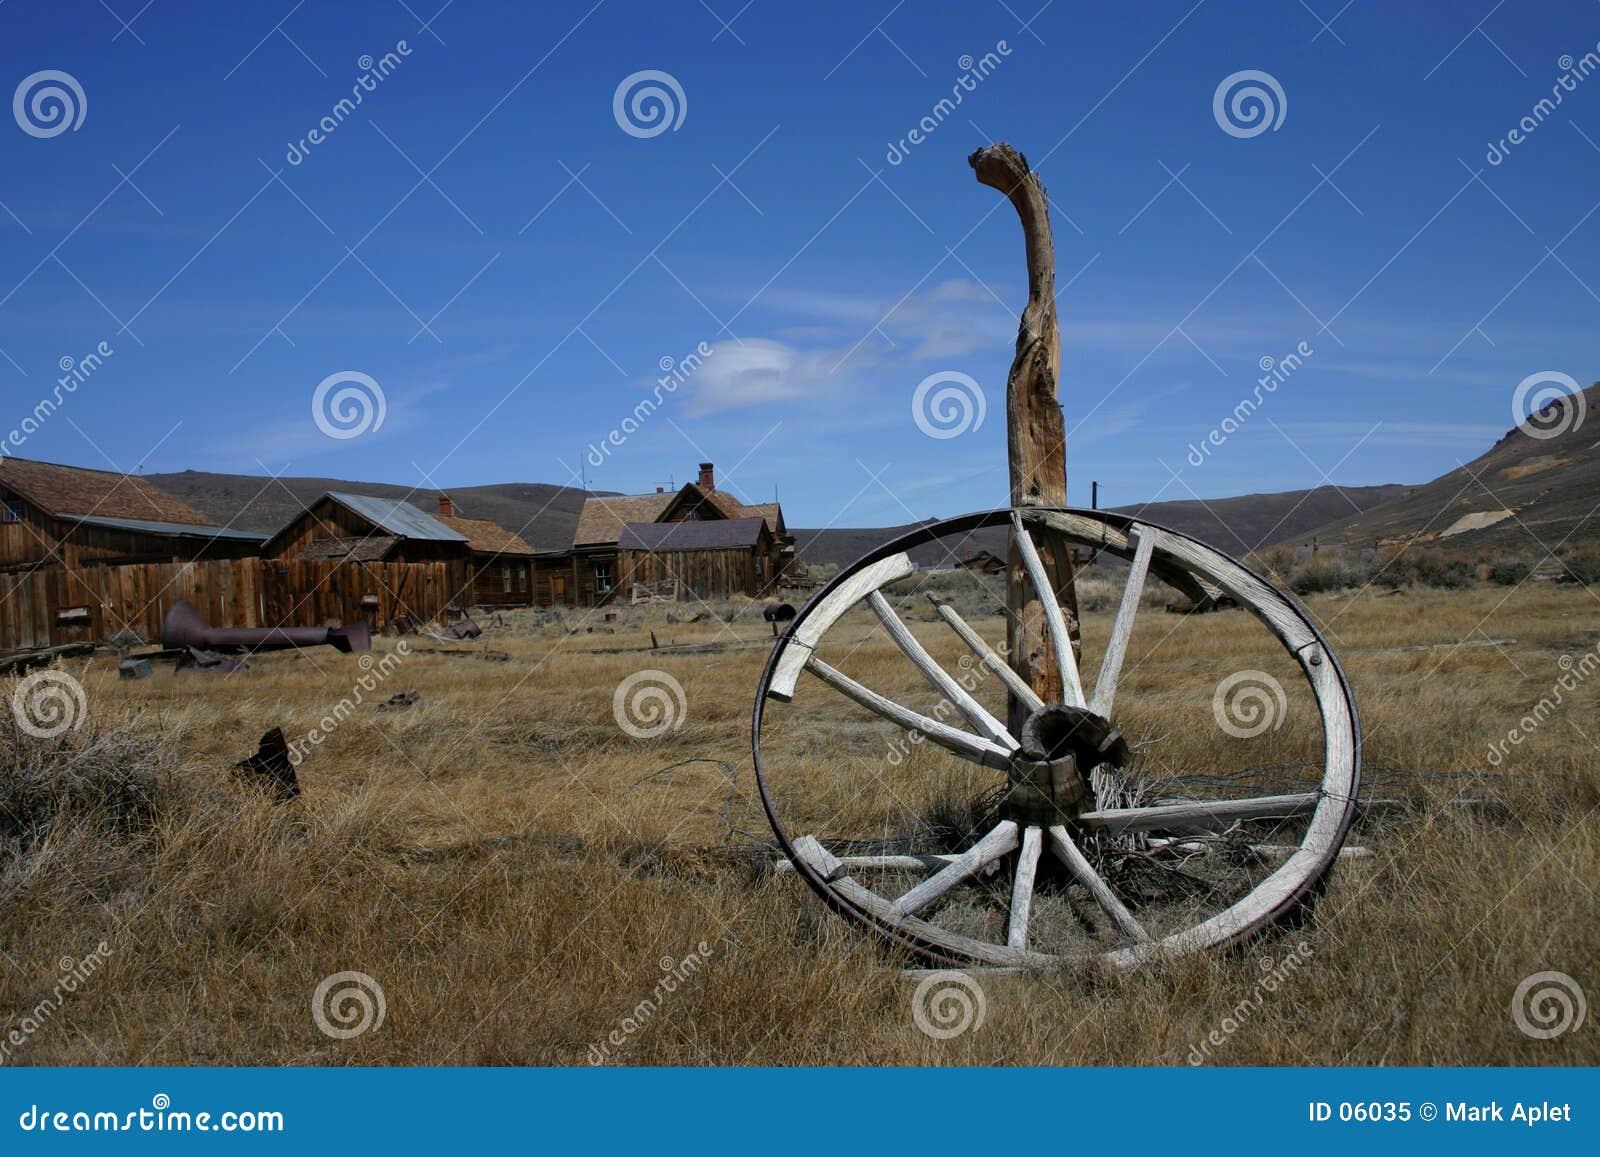 Roda de vagão velha